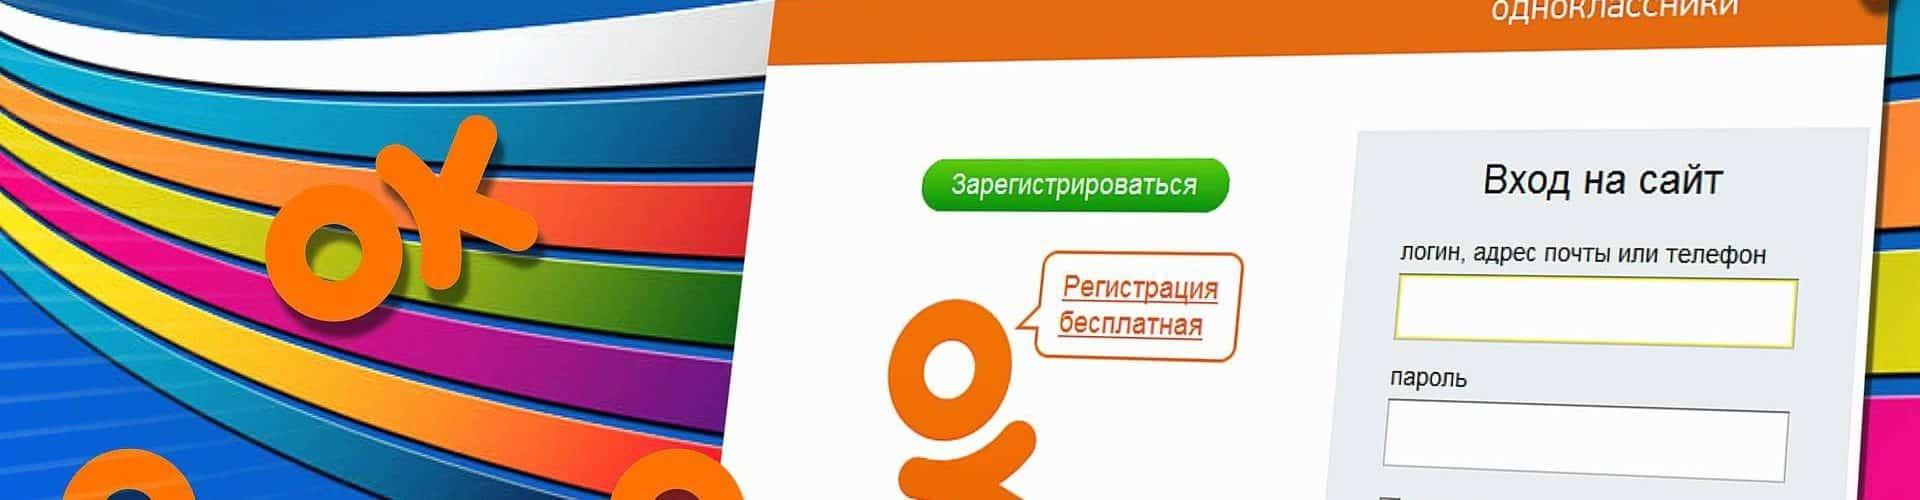 Как закрыть профиль в Одноклассниках: через телефон, через компьютер, бесплатно